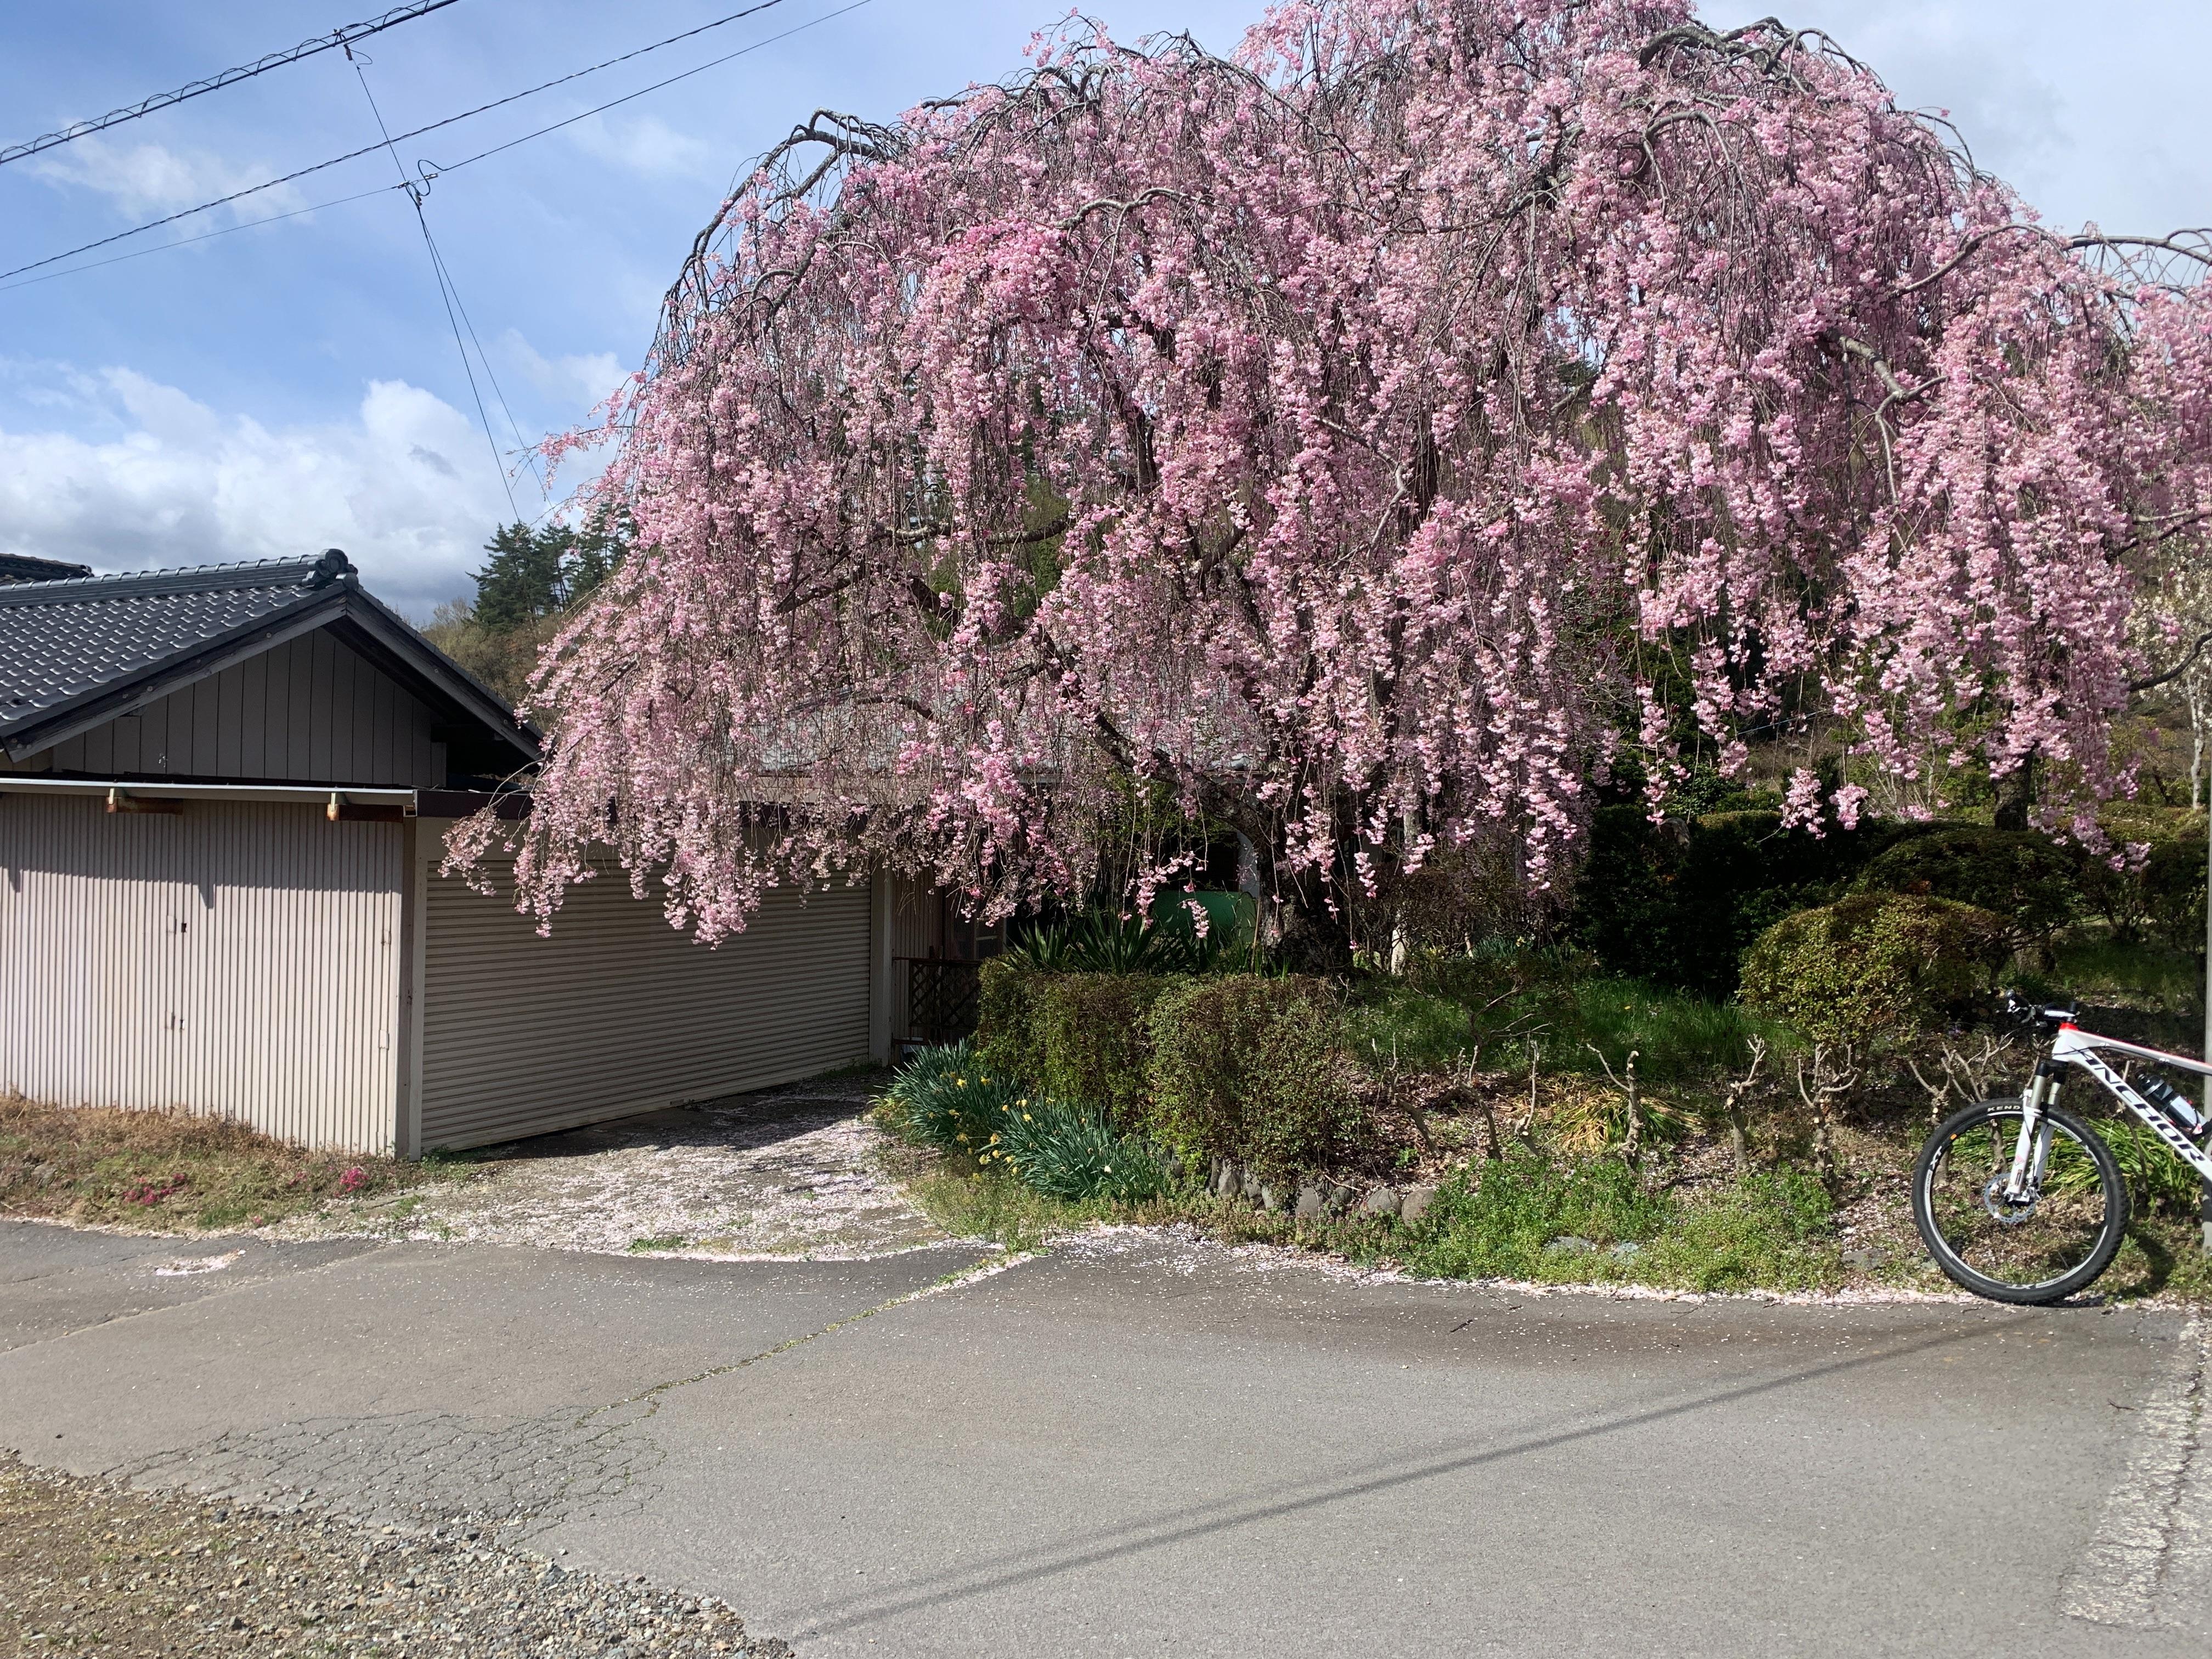 f:id:kyousima:20210418110233j:image